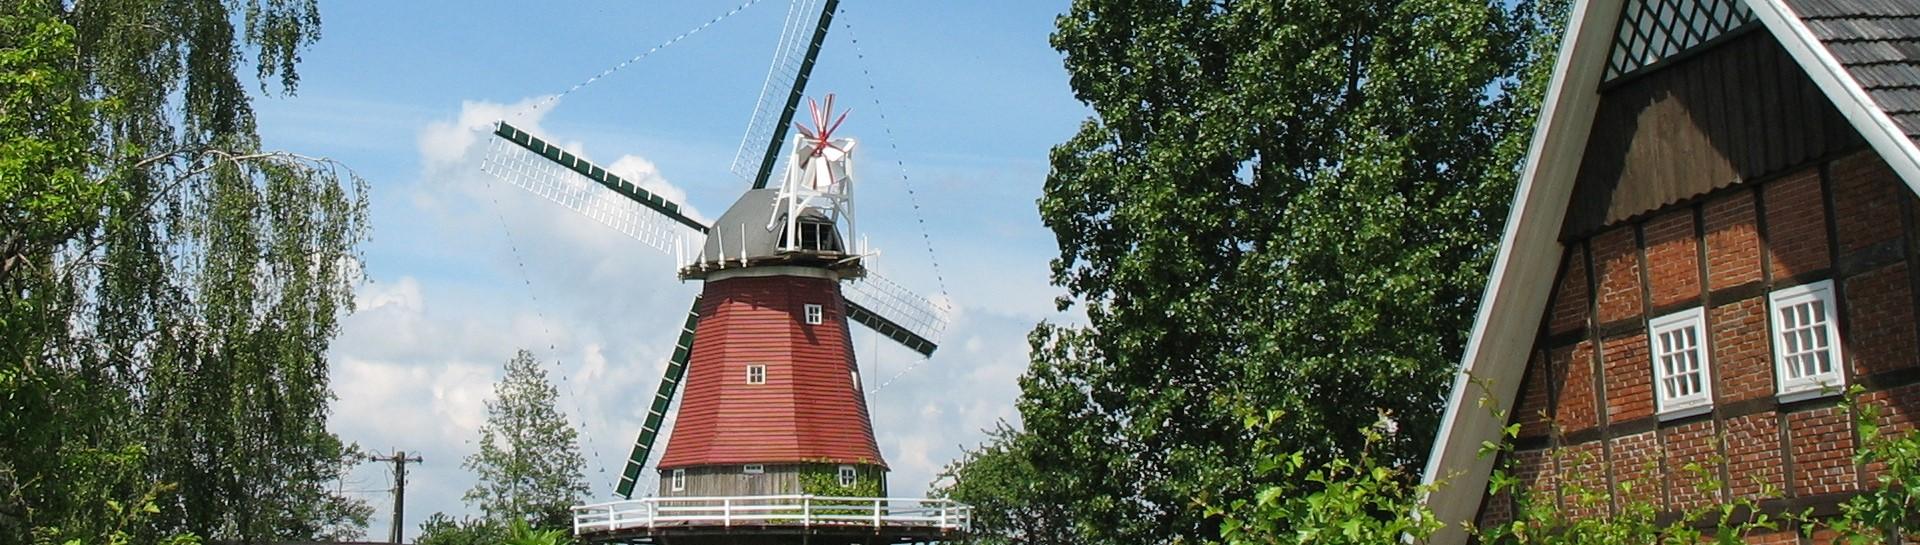 Banner Gr. Mimmelage Everdings Mühle